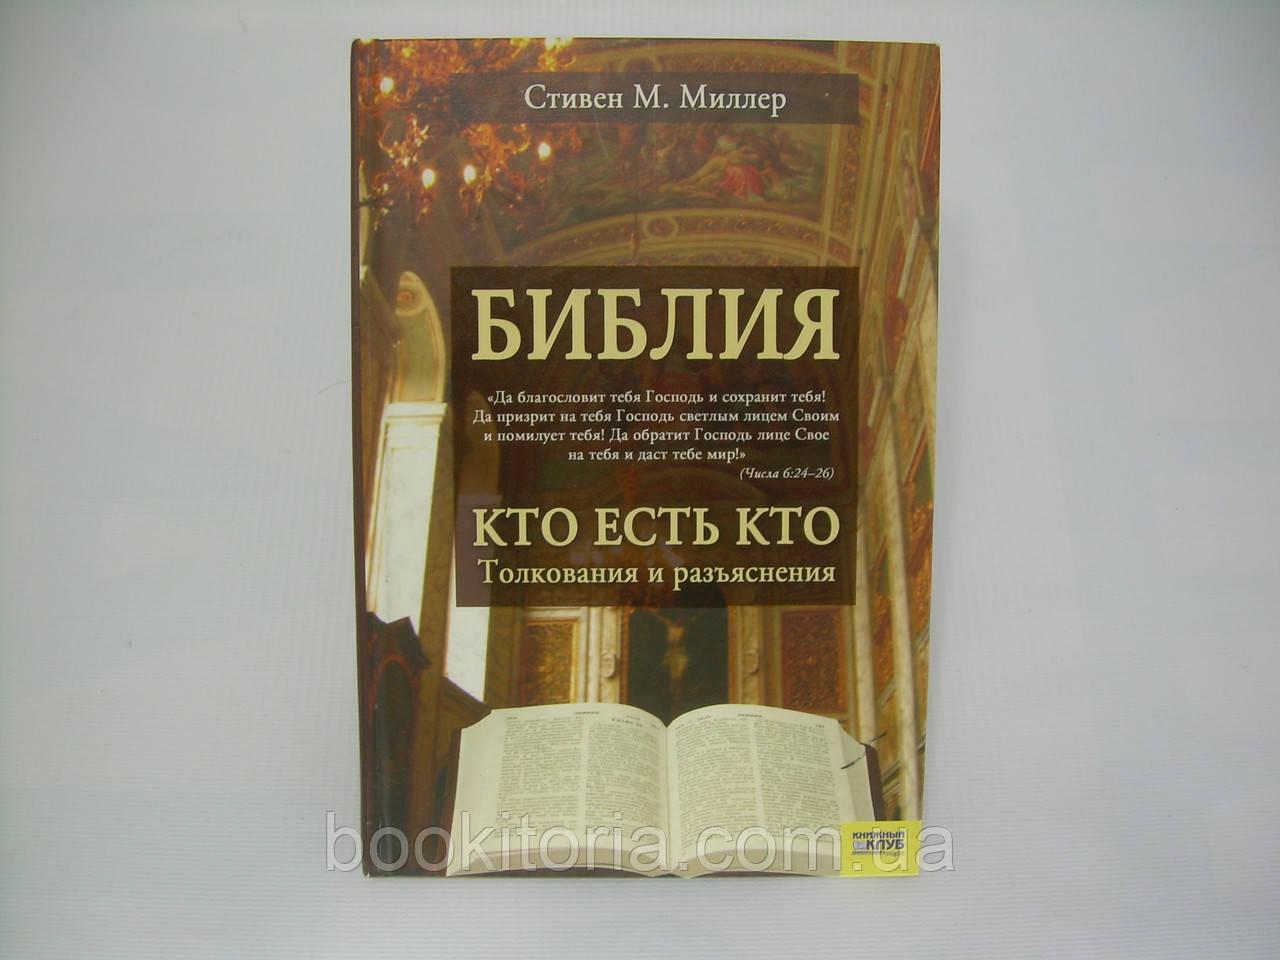 Миллер С.М. Библия. Кто есть кто. Толкования и разъяснения (б/у).